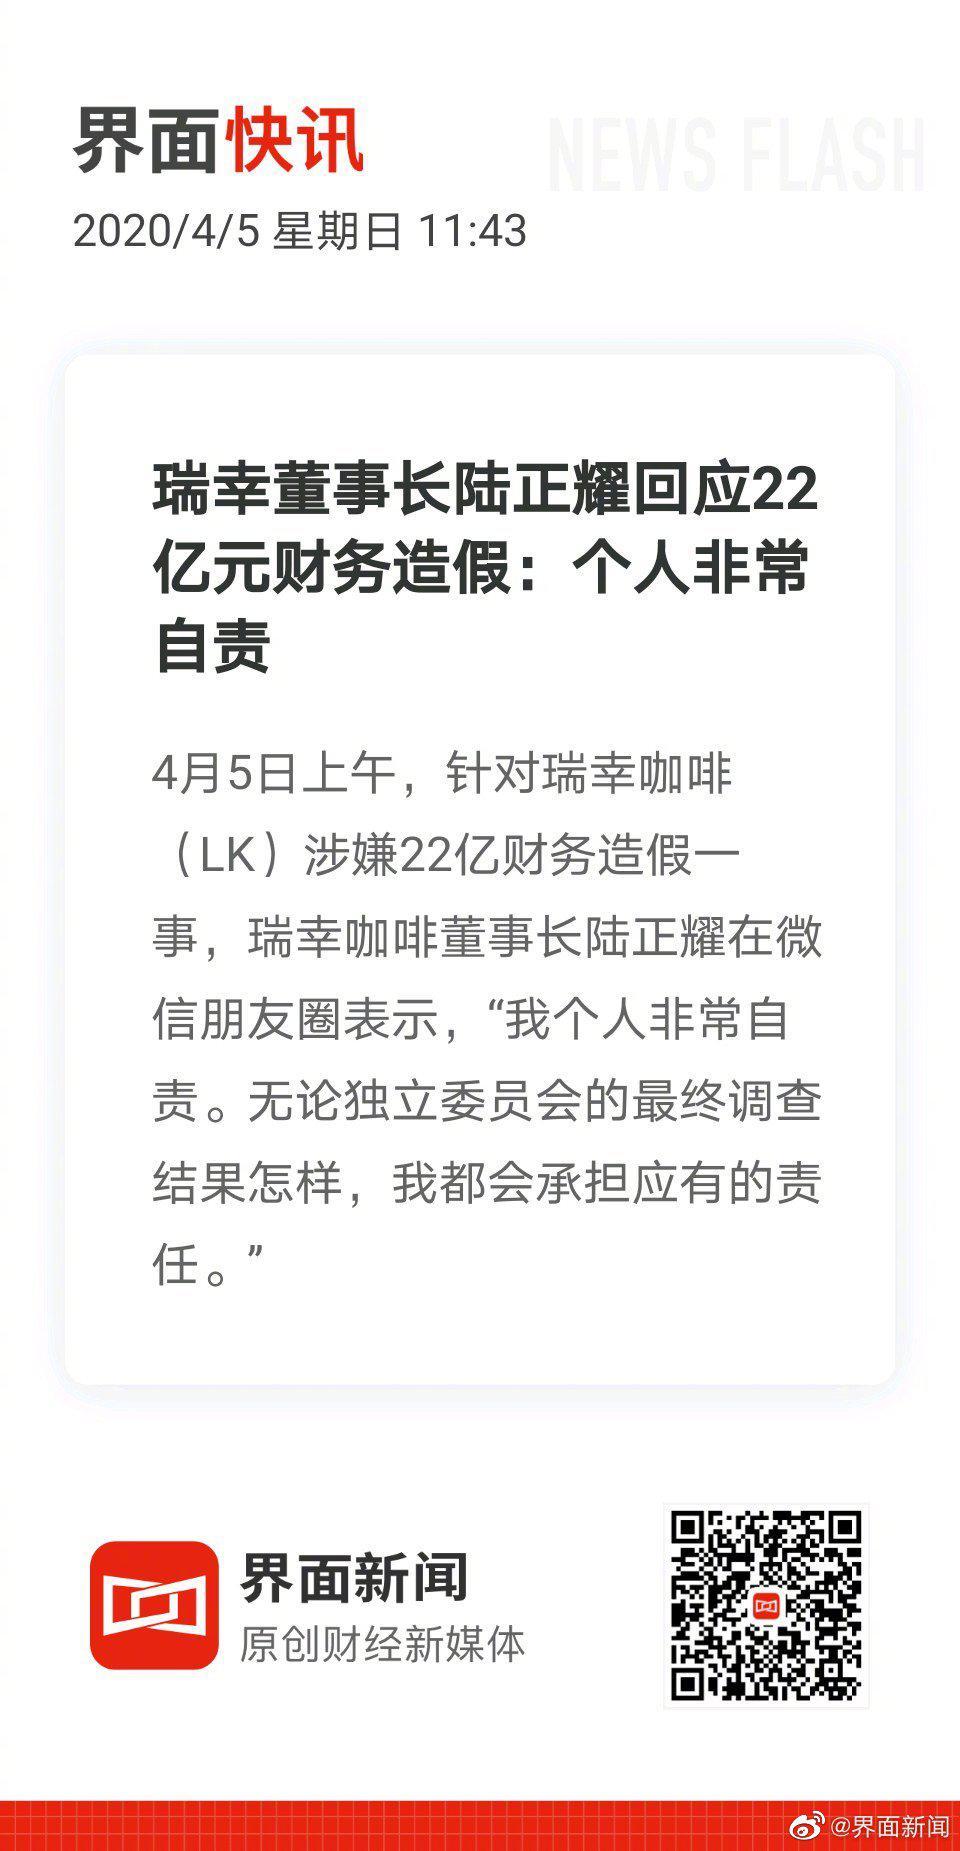 瑞幸董事长陆正耀回应22亿元财务造假:个人非常自责图片